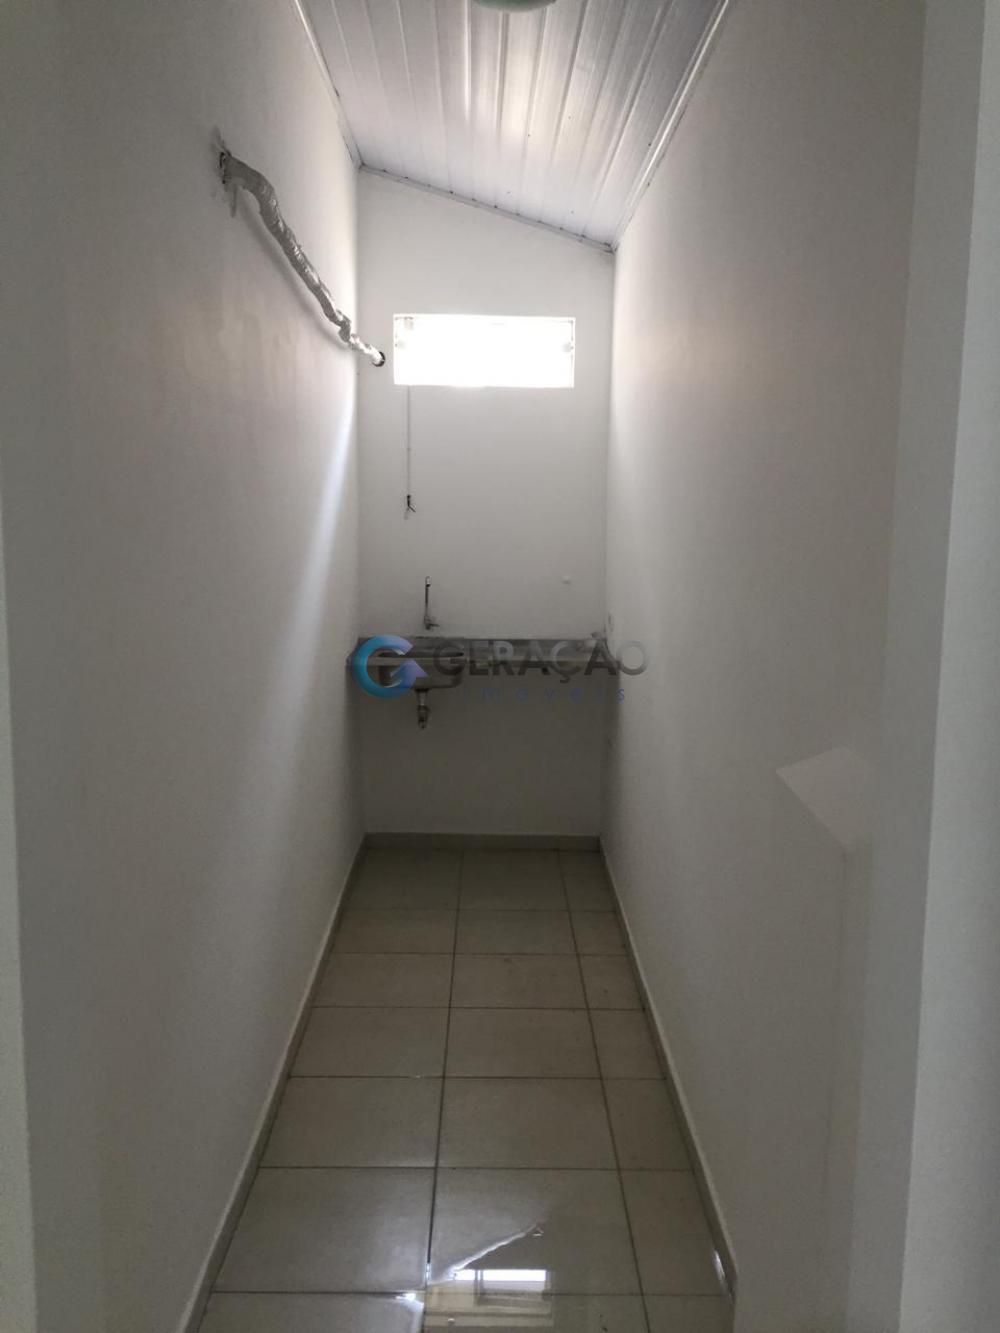 Alugar Comercial / Ponto Comercial em São José dos Campos apenas R$ 2.300,00 - Foto 6